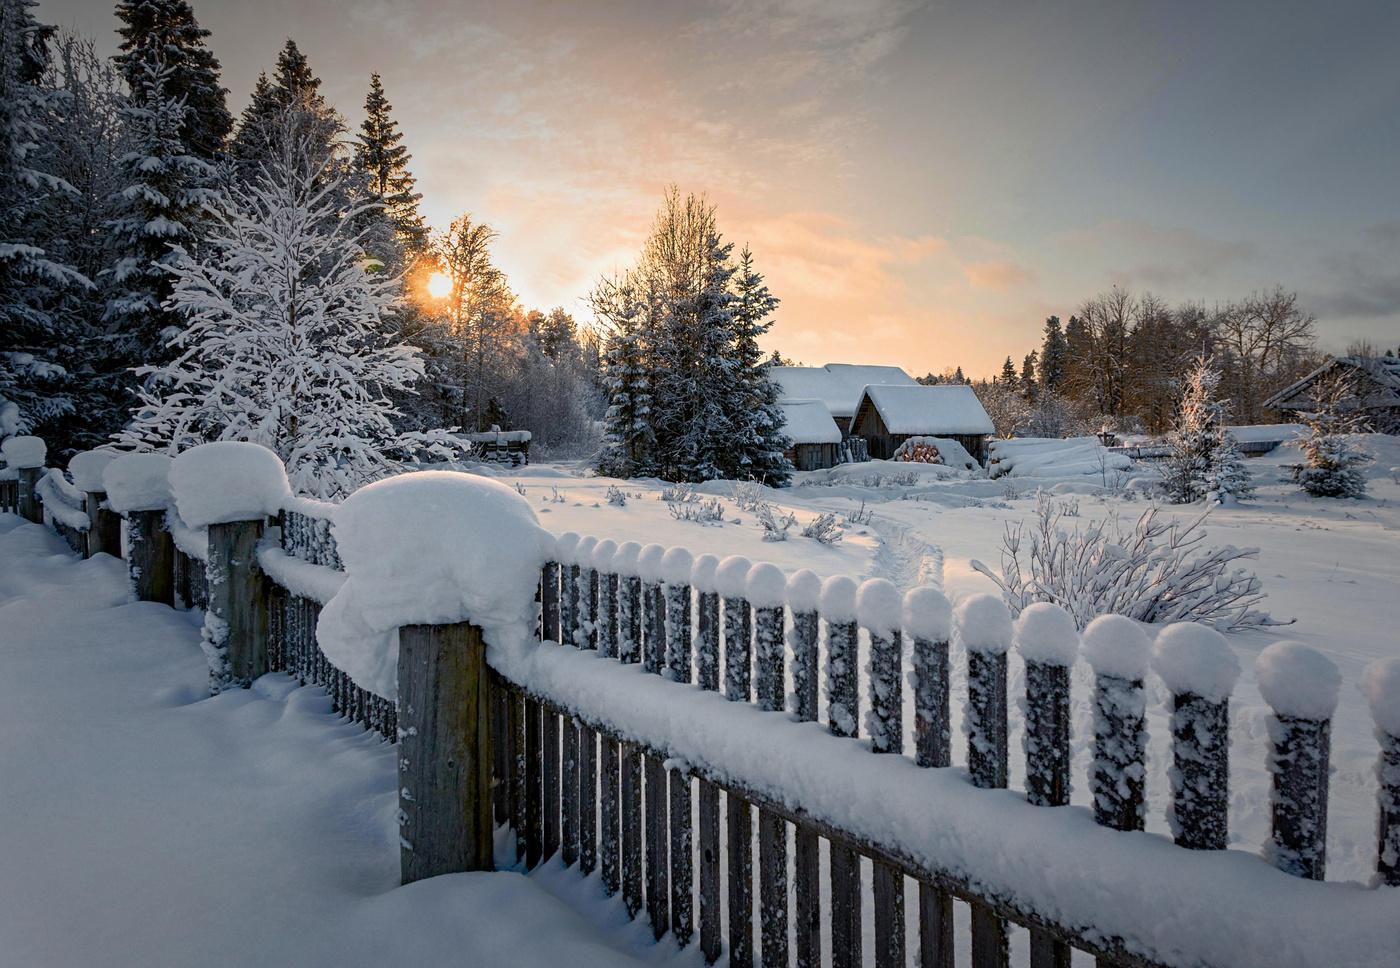 красивые фото зимних деревень материал, произведенная